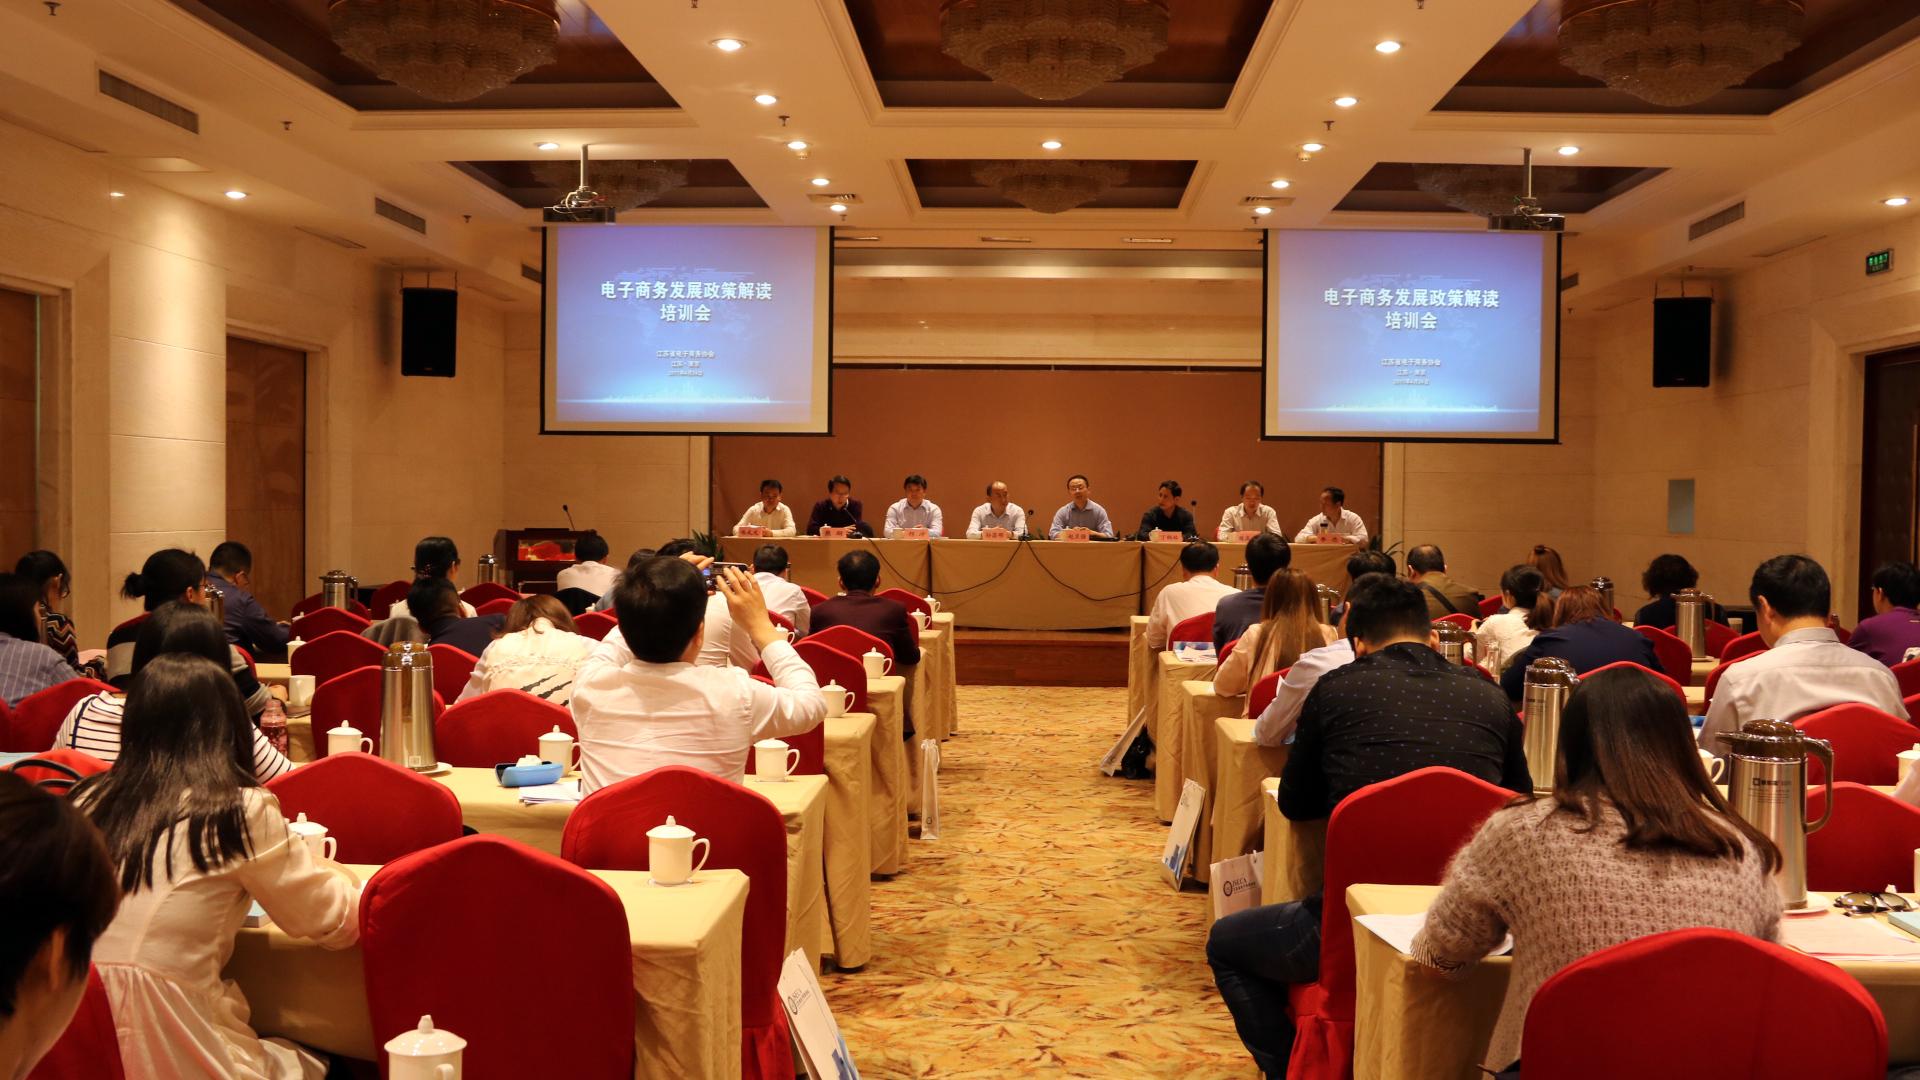 江苏省电子商务发展政策解读培训会在南京召开